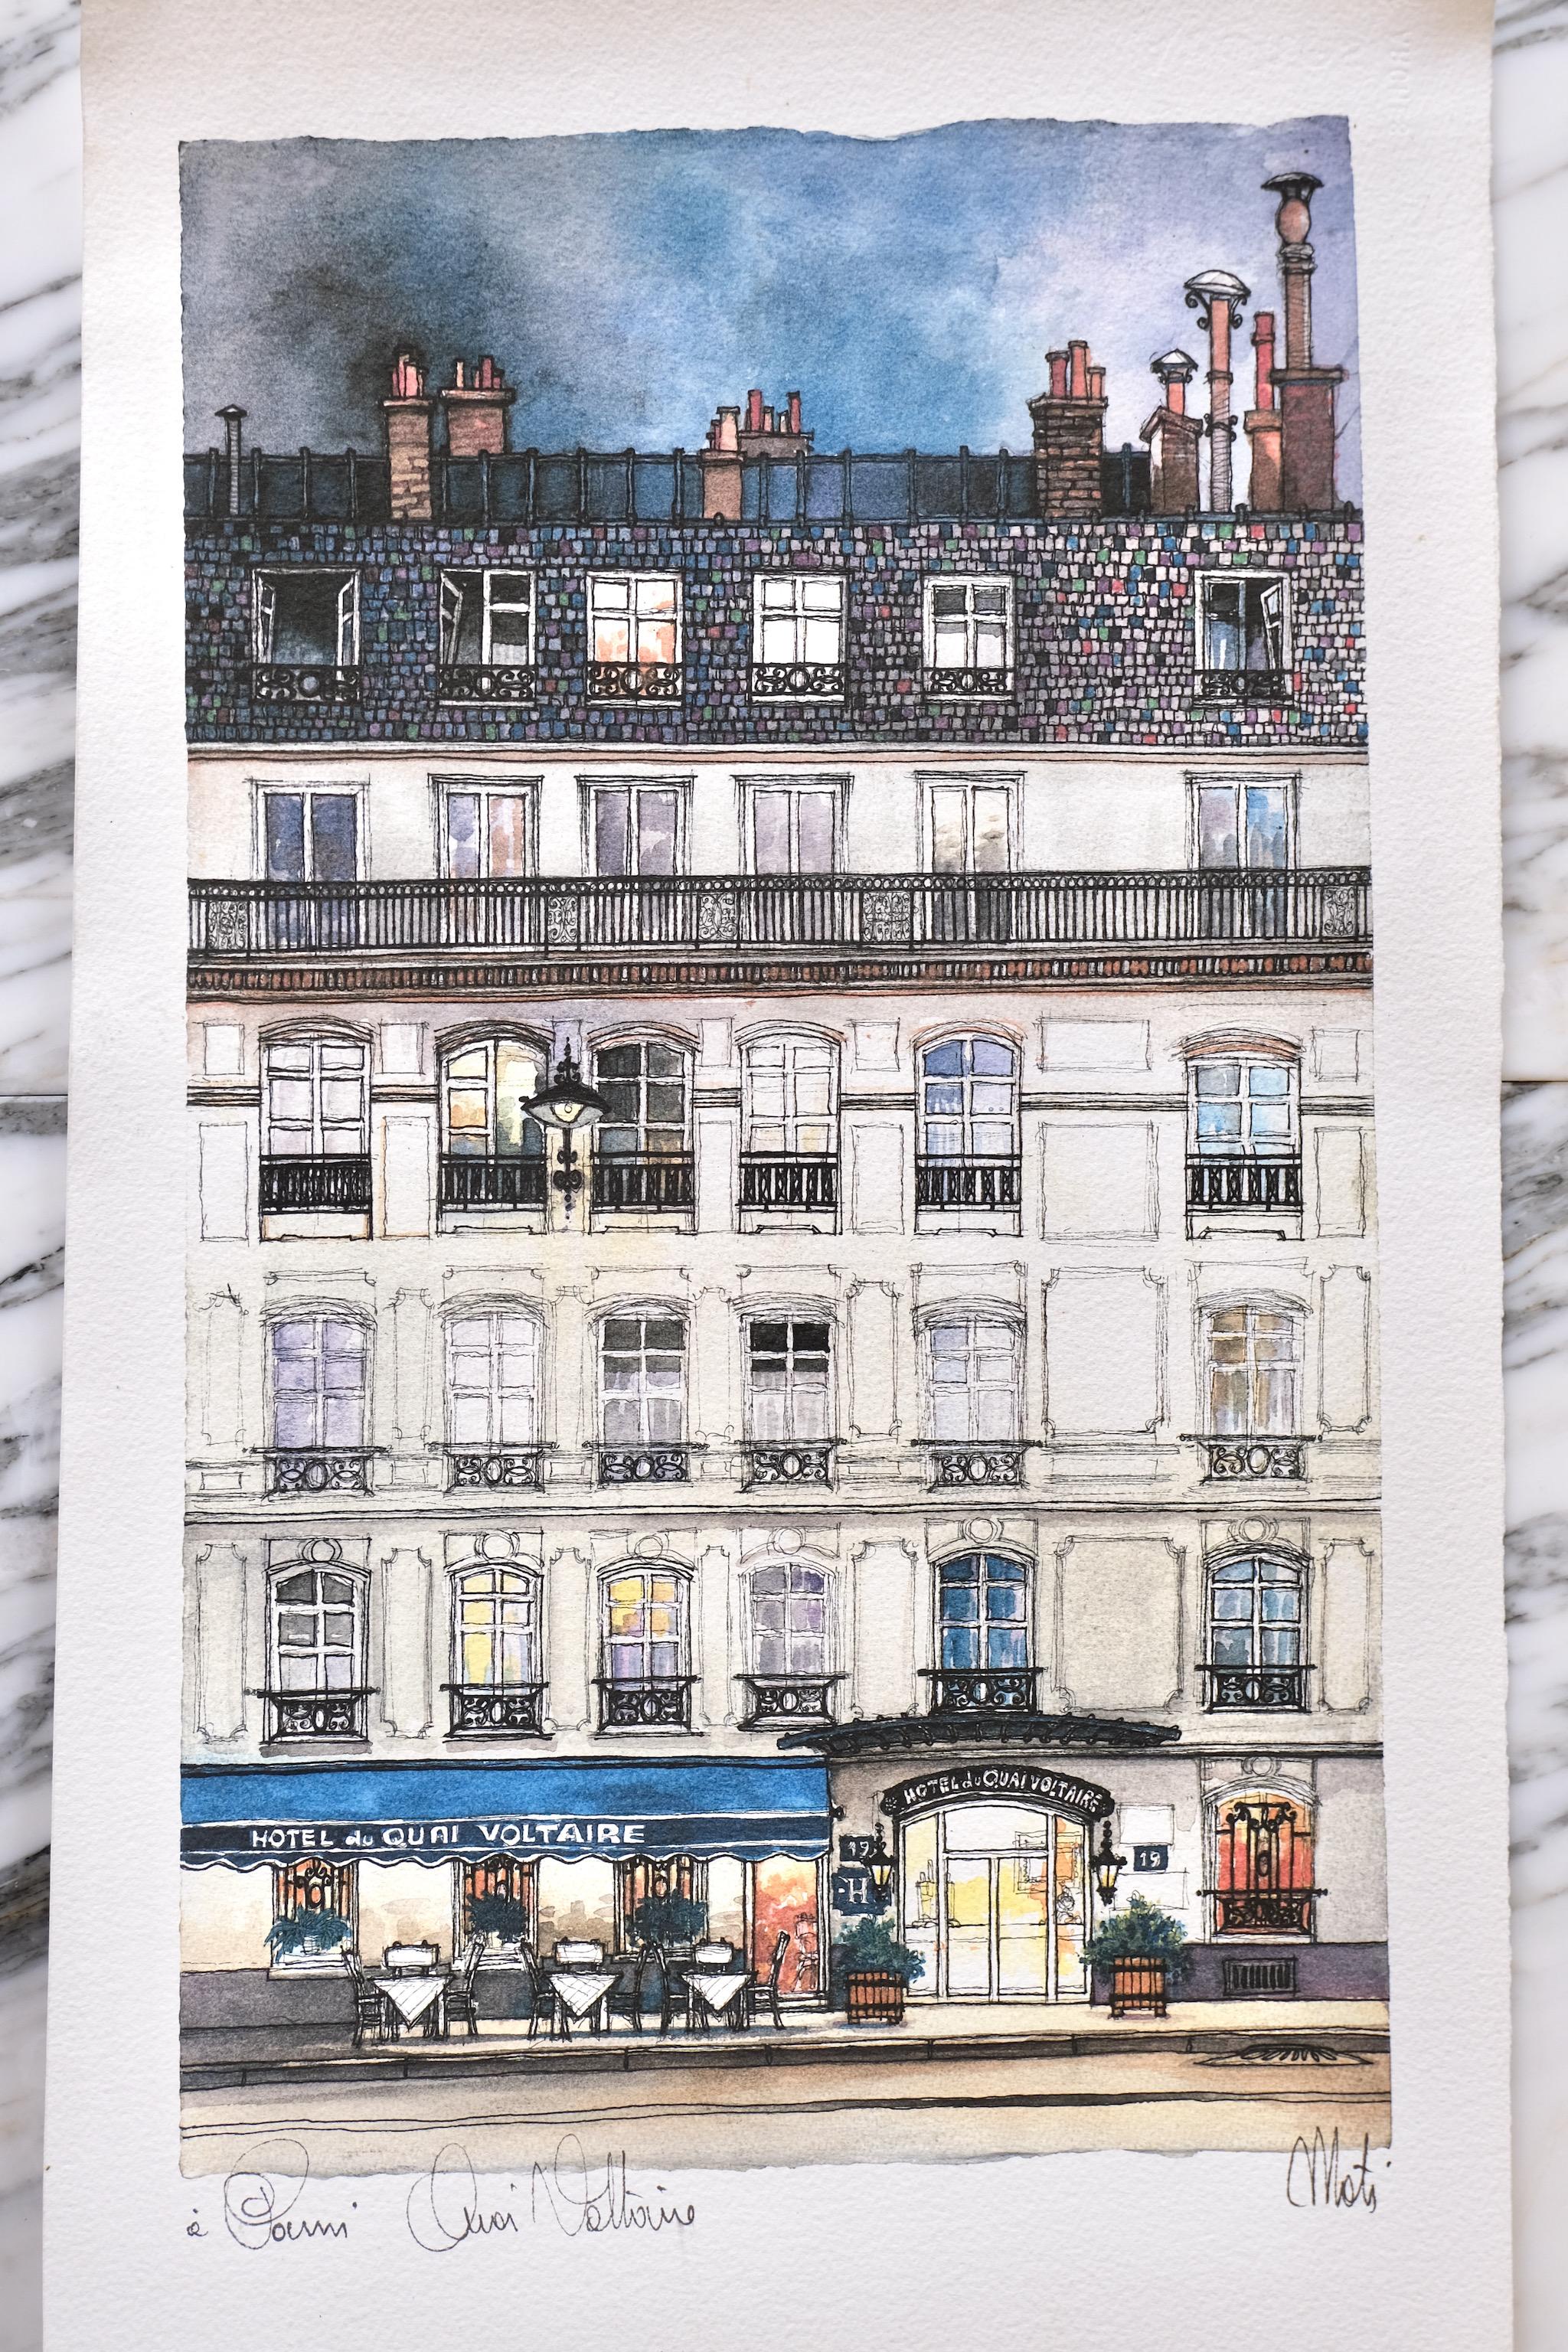 Hotel du Quai Voltaire Mati watercolor